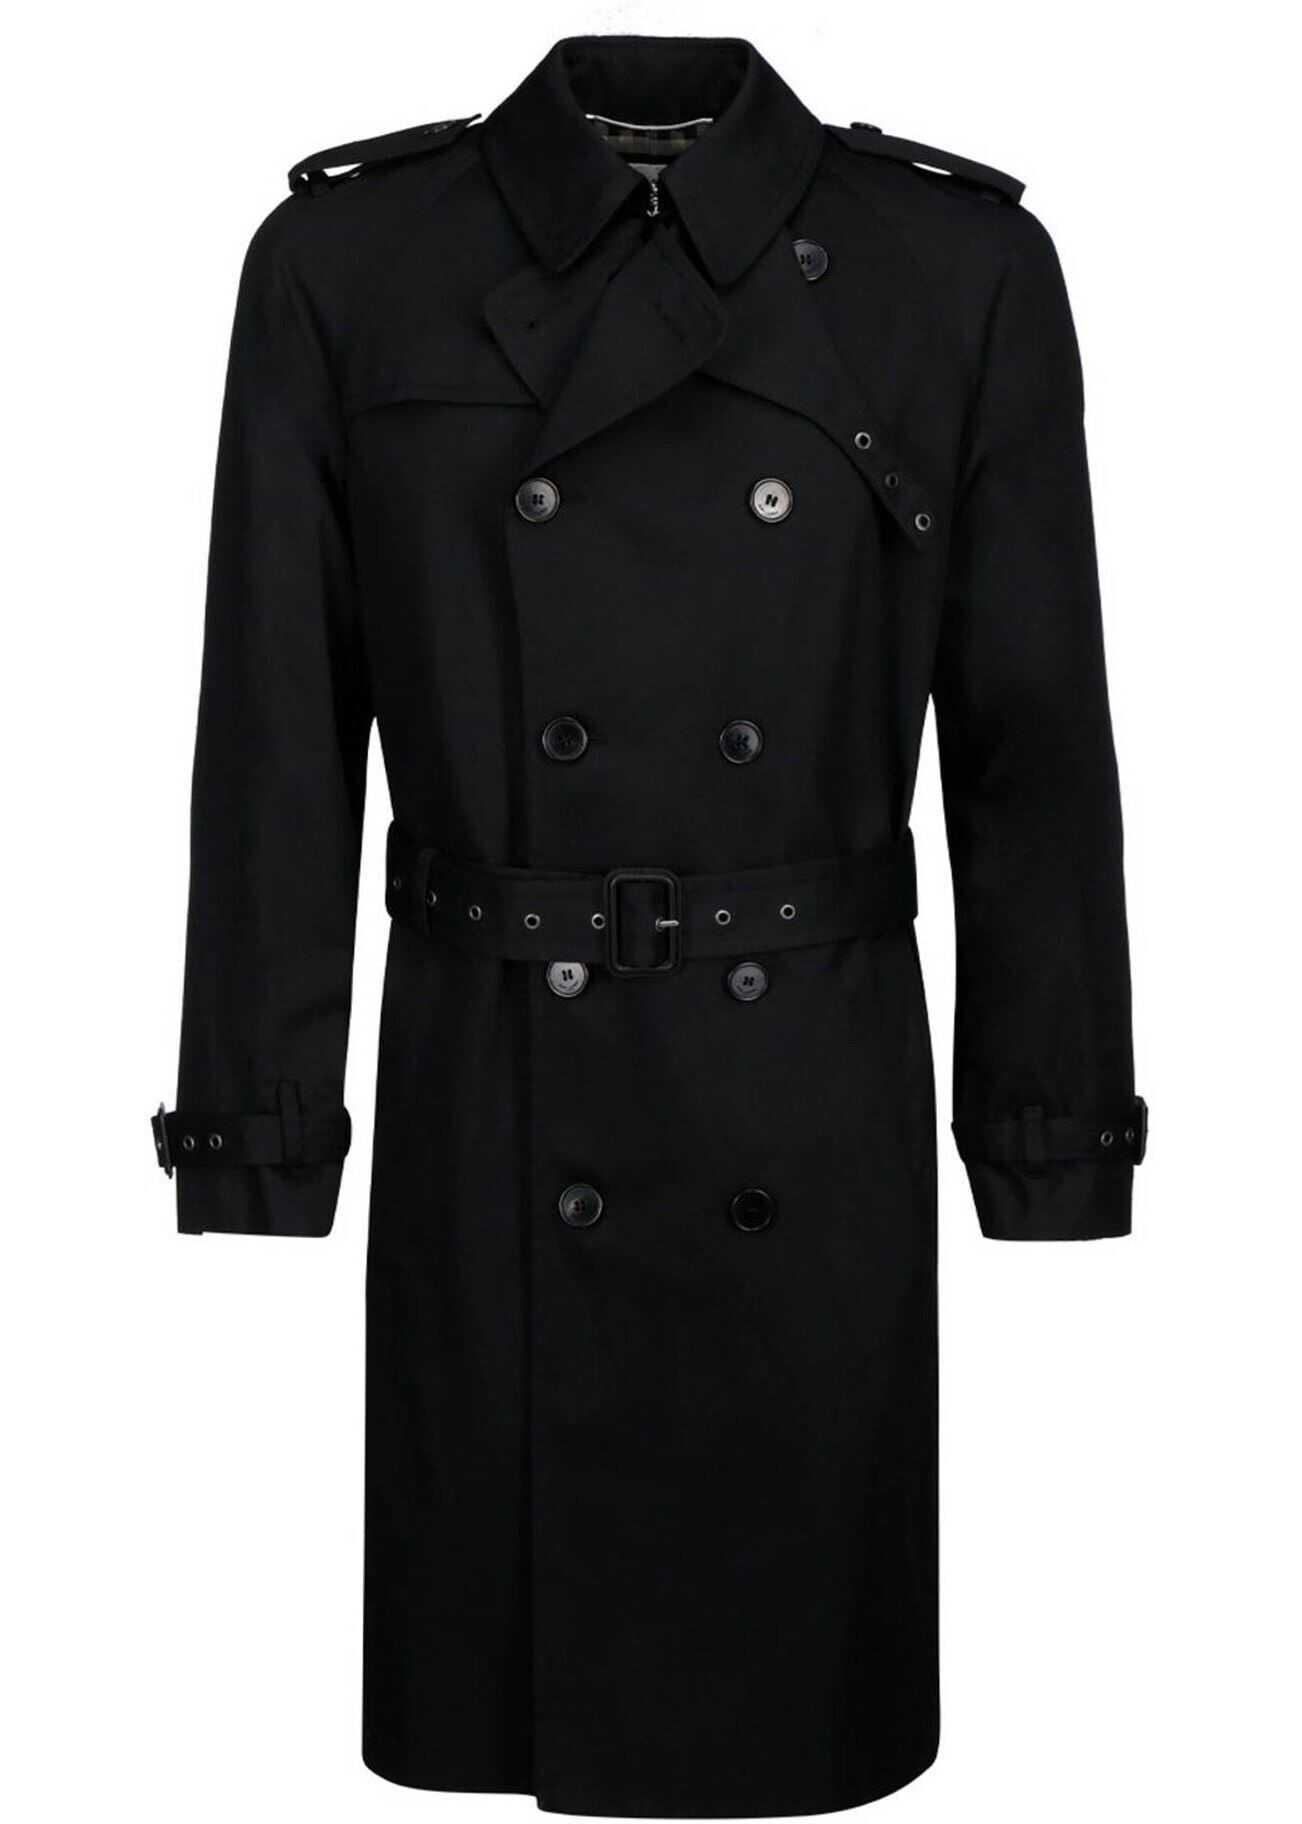 Saint Laurent Gabardine Trench Coat In Black Black imagine